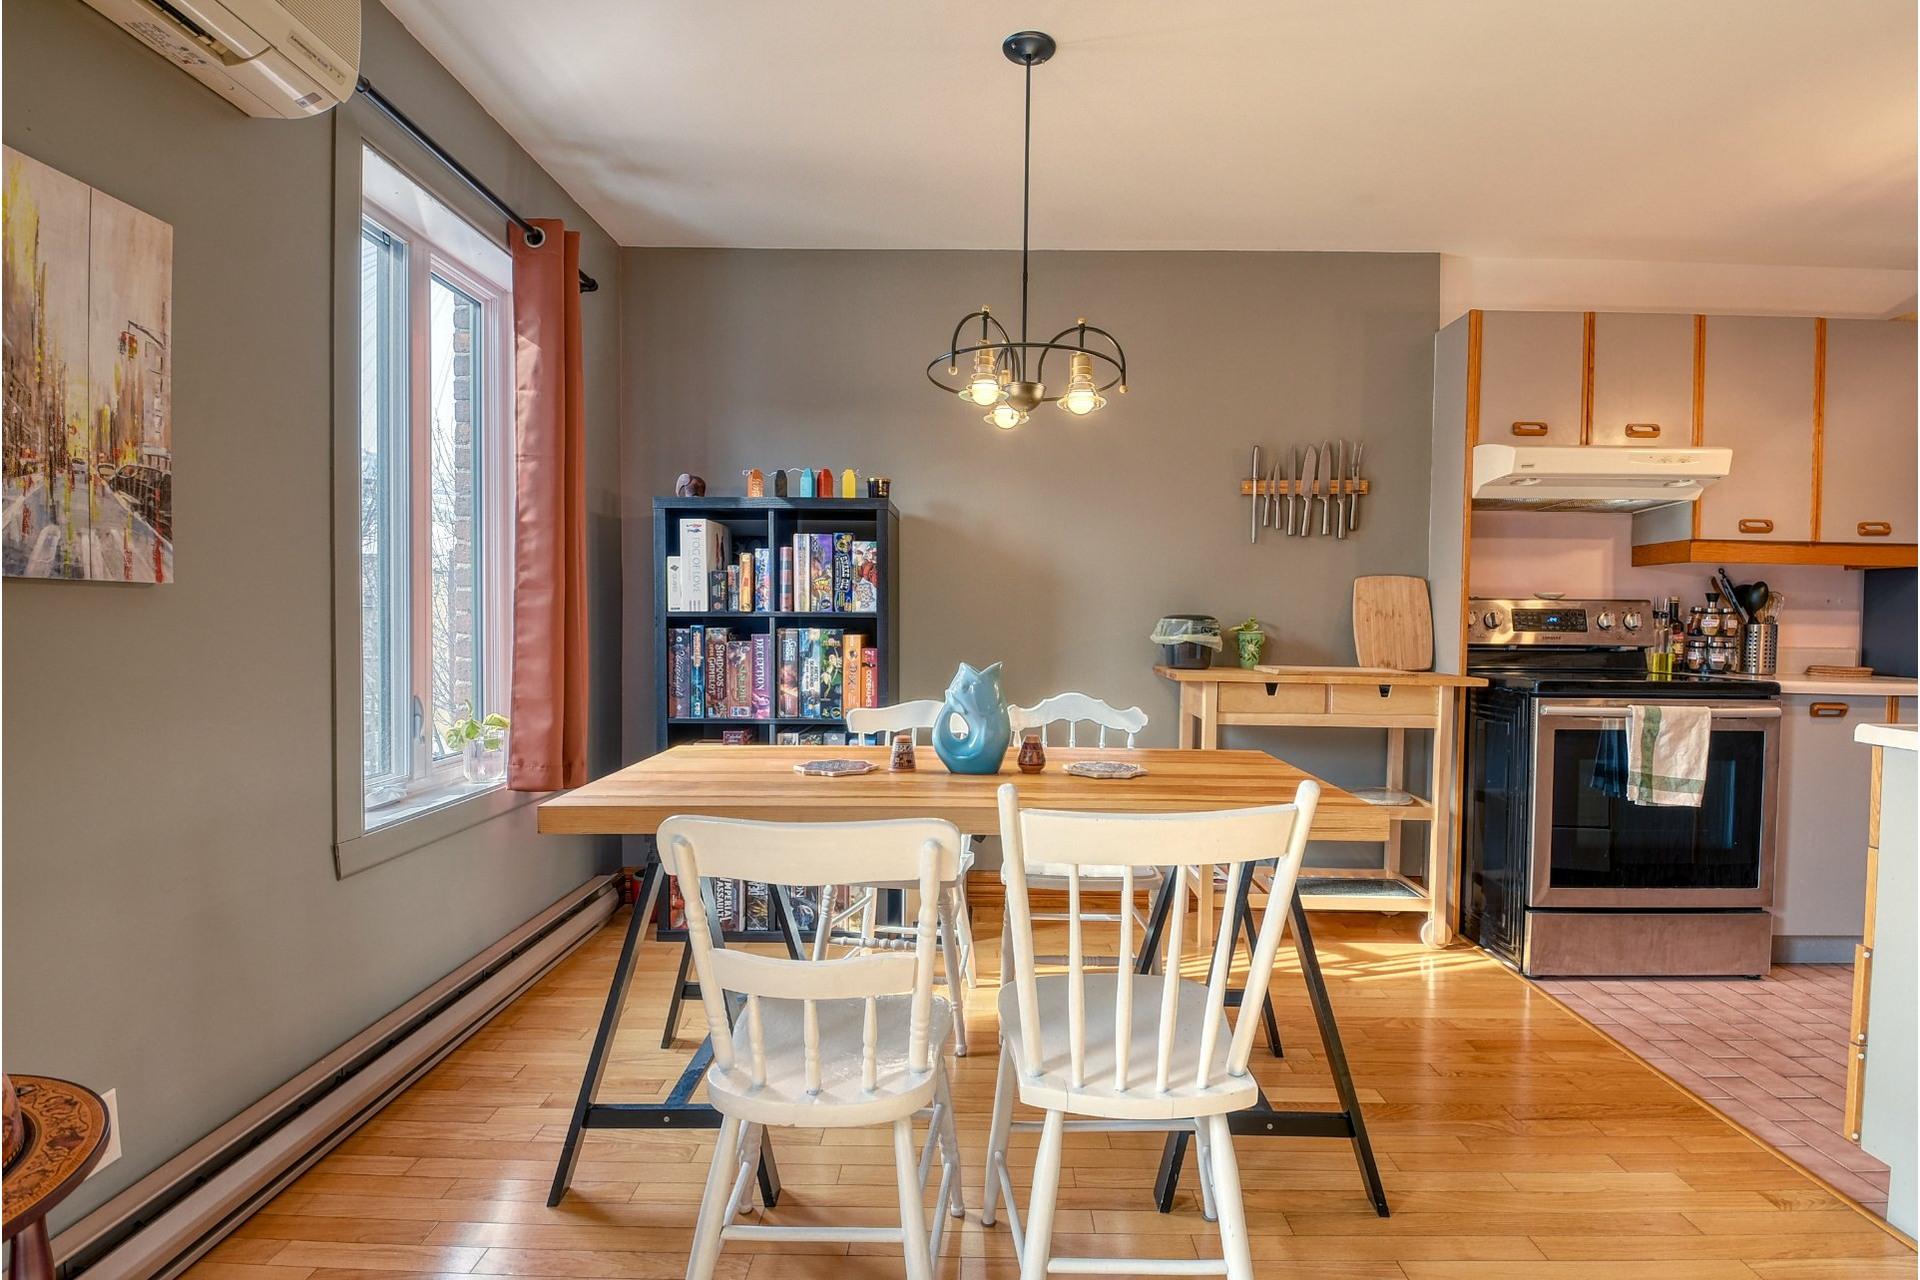 image 8 - Appartement À vendre Mercier/Hochelaga-Maisonneuve Montréal  - 6 pièces